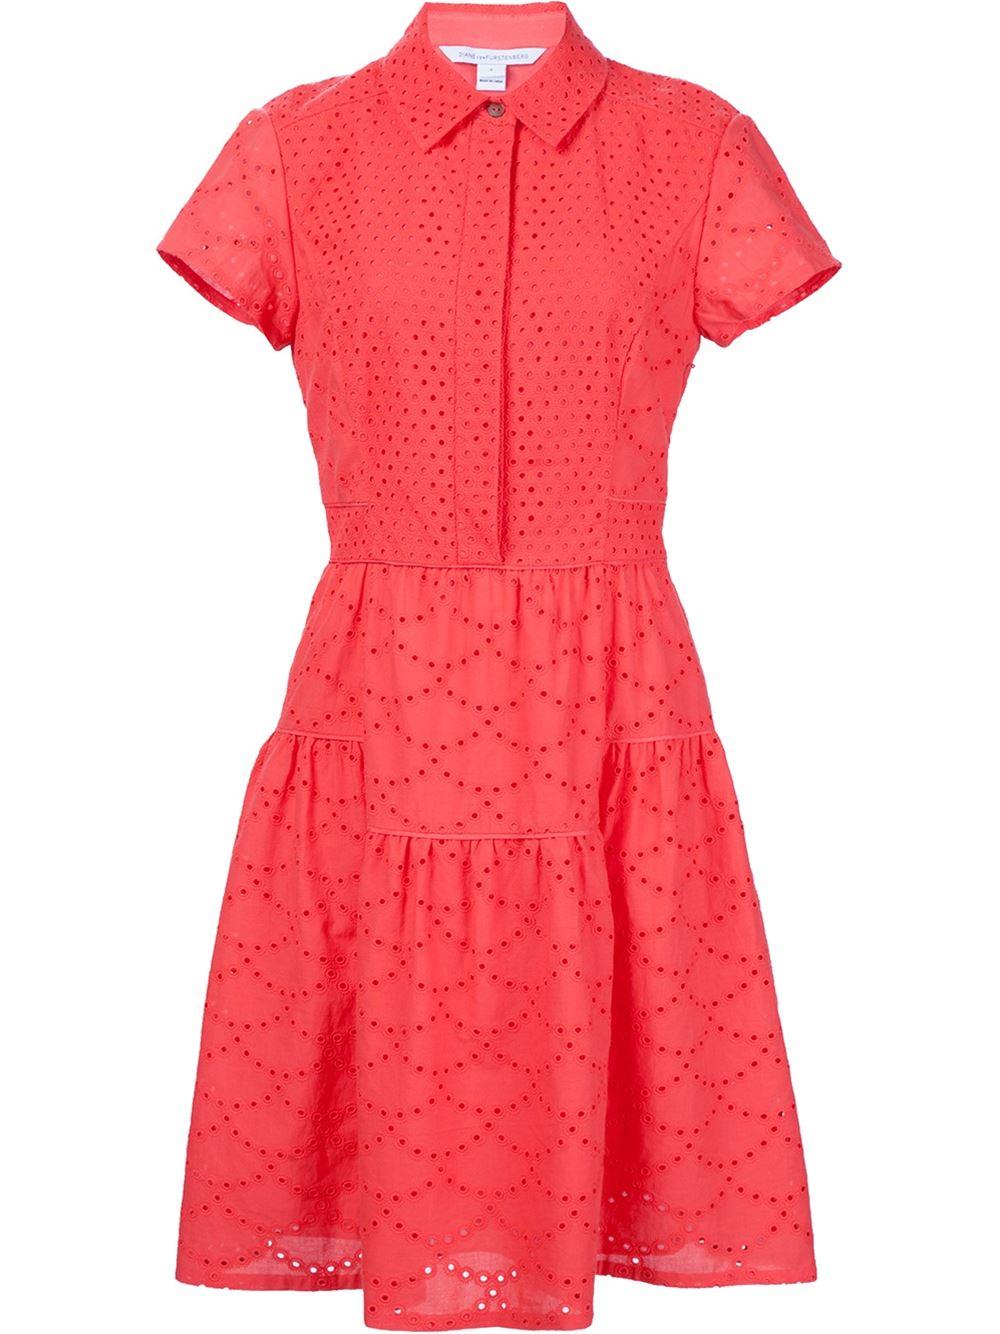 Lyst diane von furstenberg broderie anglaise shirt dress for Diane von furstenberg shirt